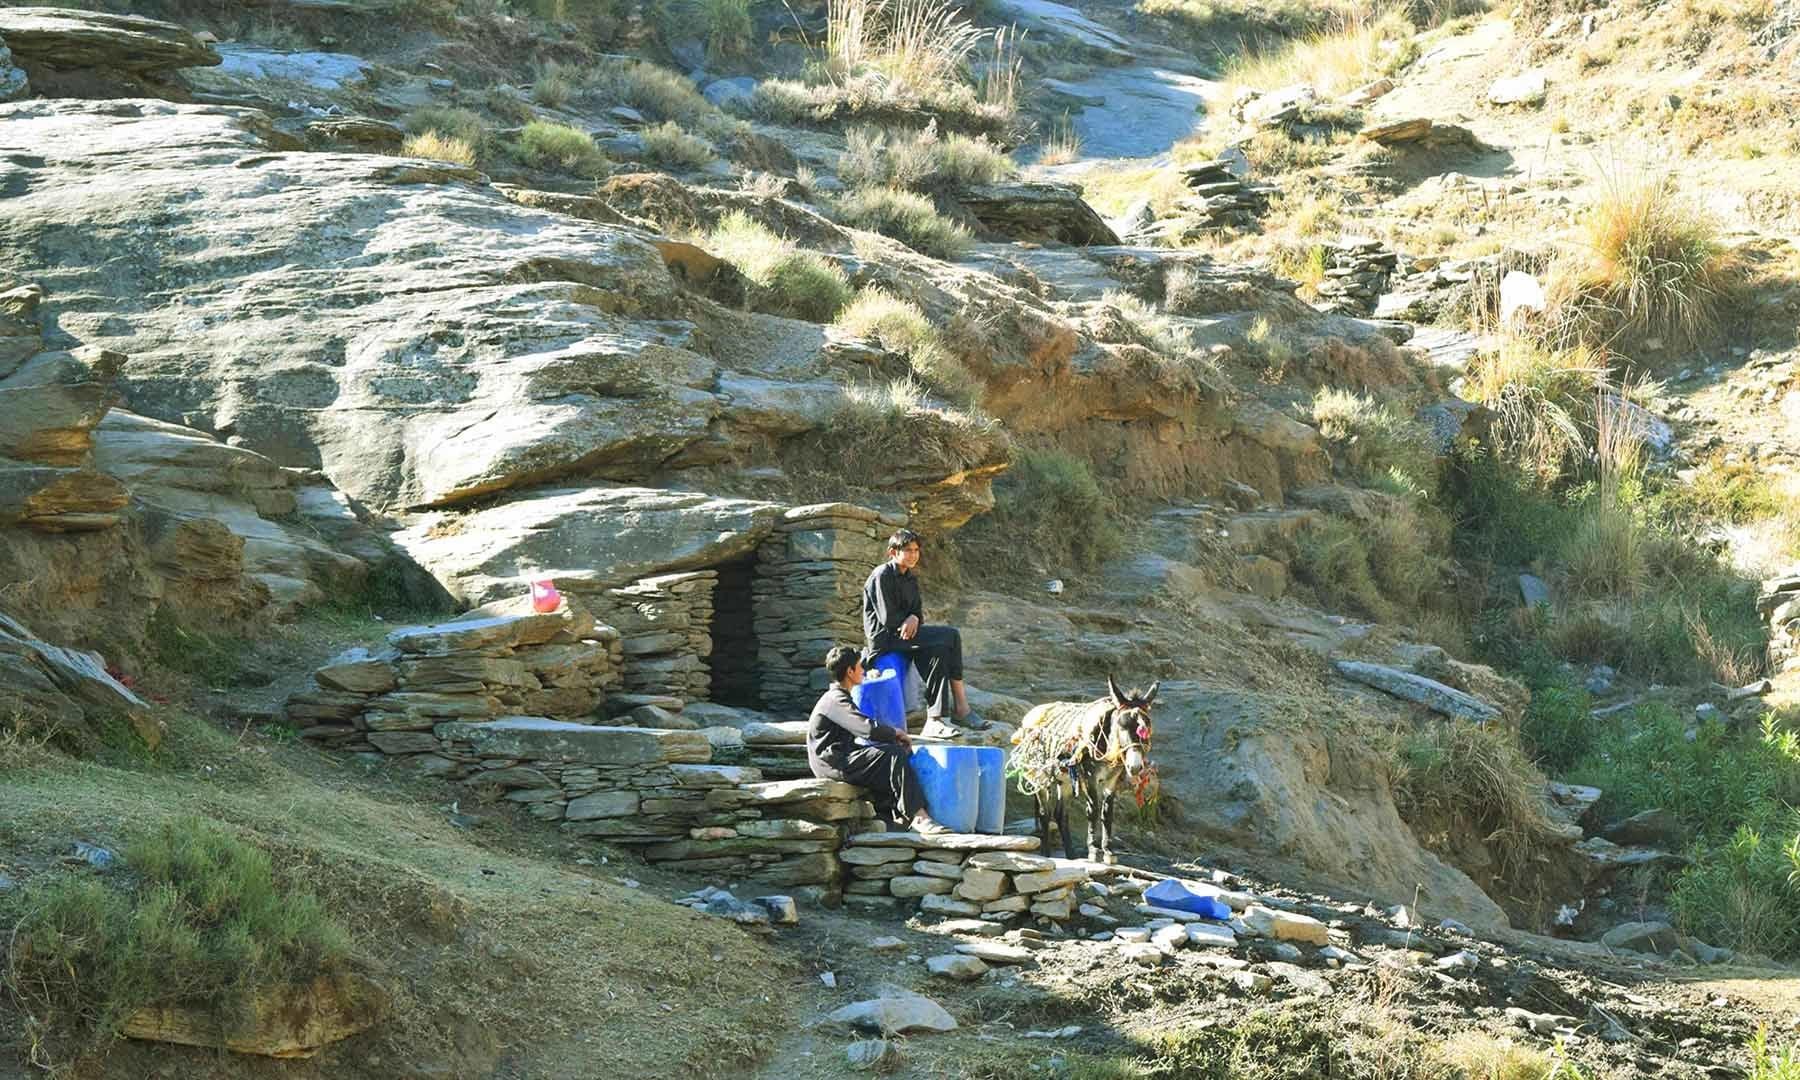 بلو کلے میں پانی کا ہزاروں سال پرانا چشمہ— امجد علی سحاب